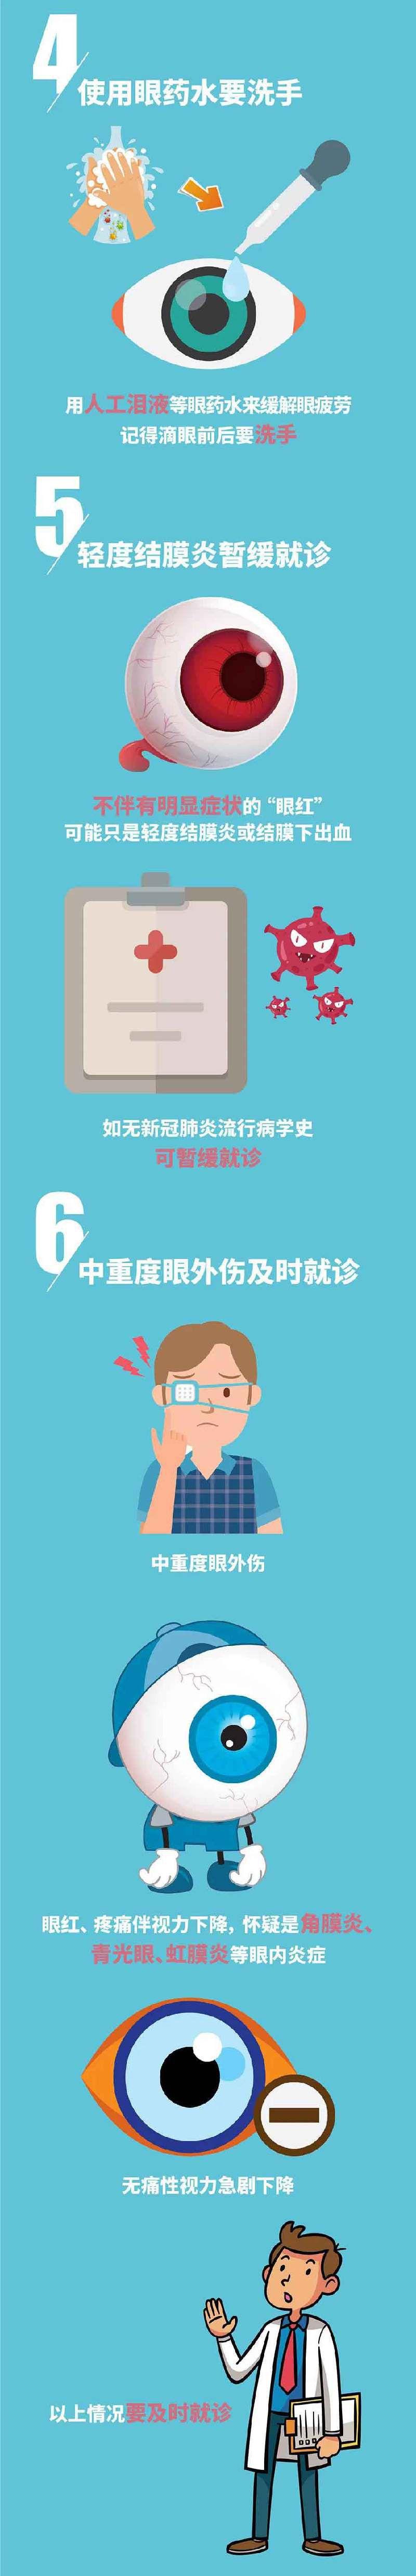 居家过久视力下降?收下这10条建议,疫情期间别让眼睛受伤!